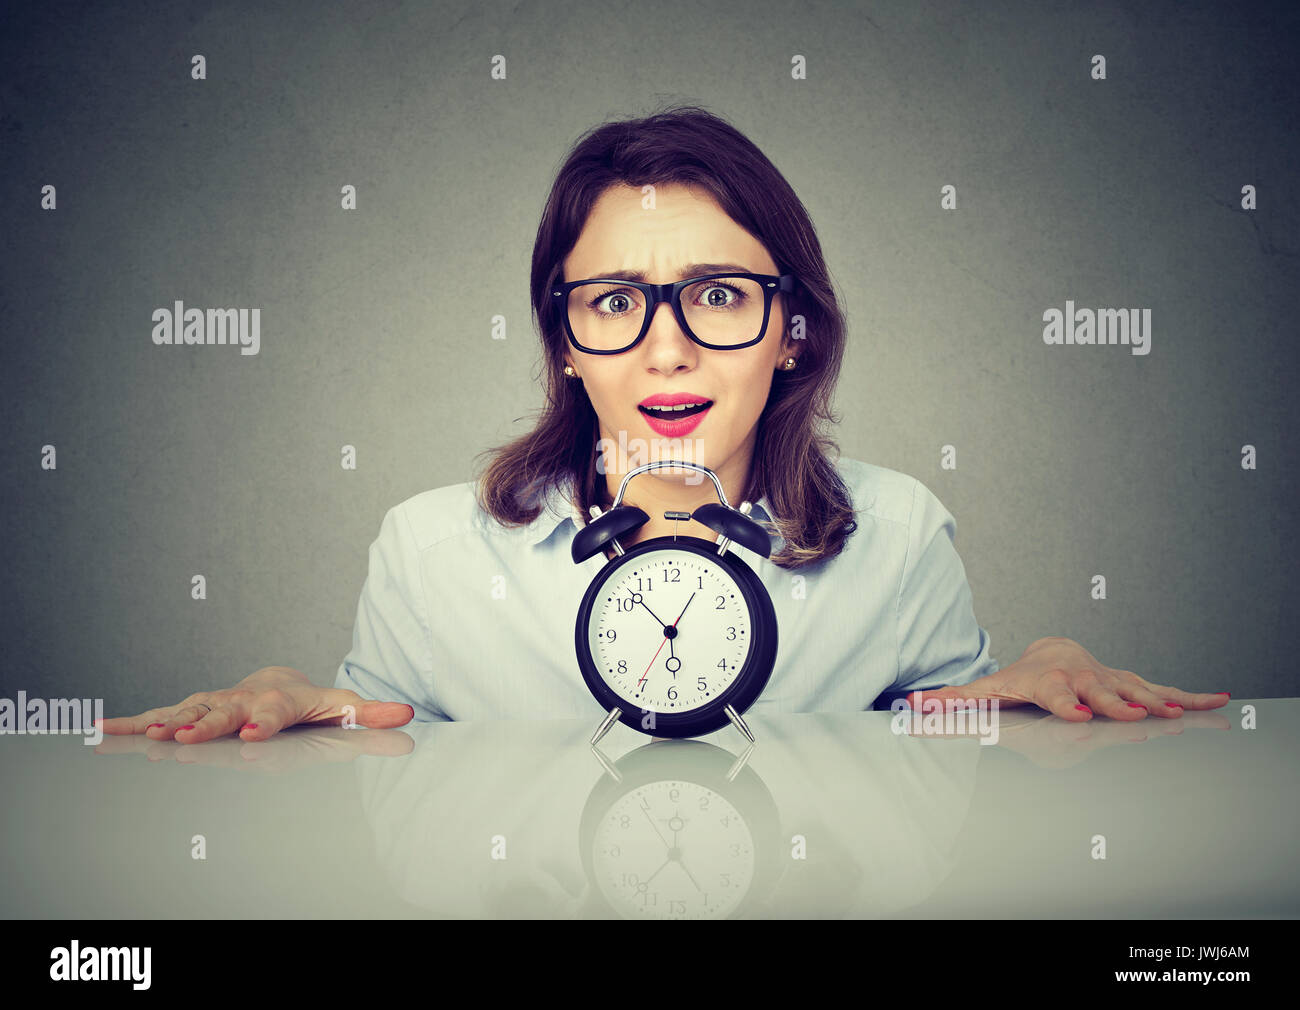 Mujer ansiosa de recogida debajo de la mesa con reloj despertador. La presión del tiempo concepto Imagen De Stock